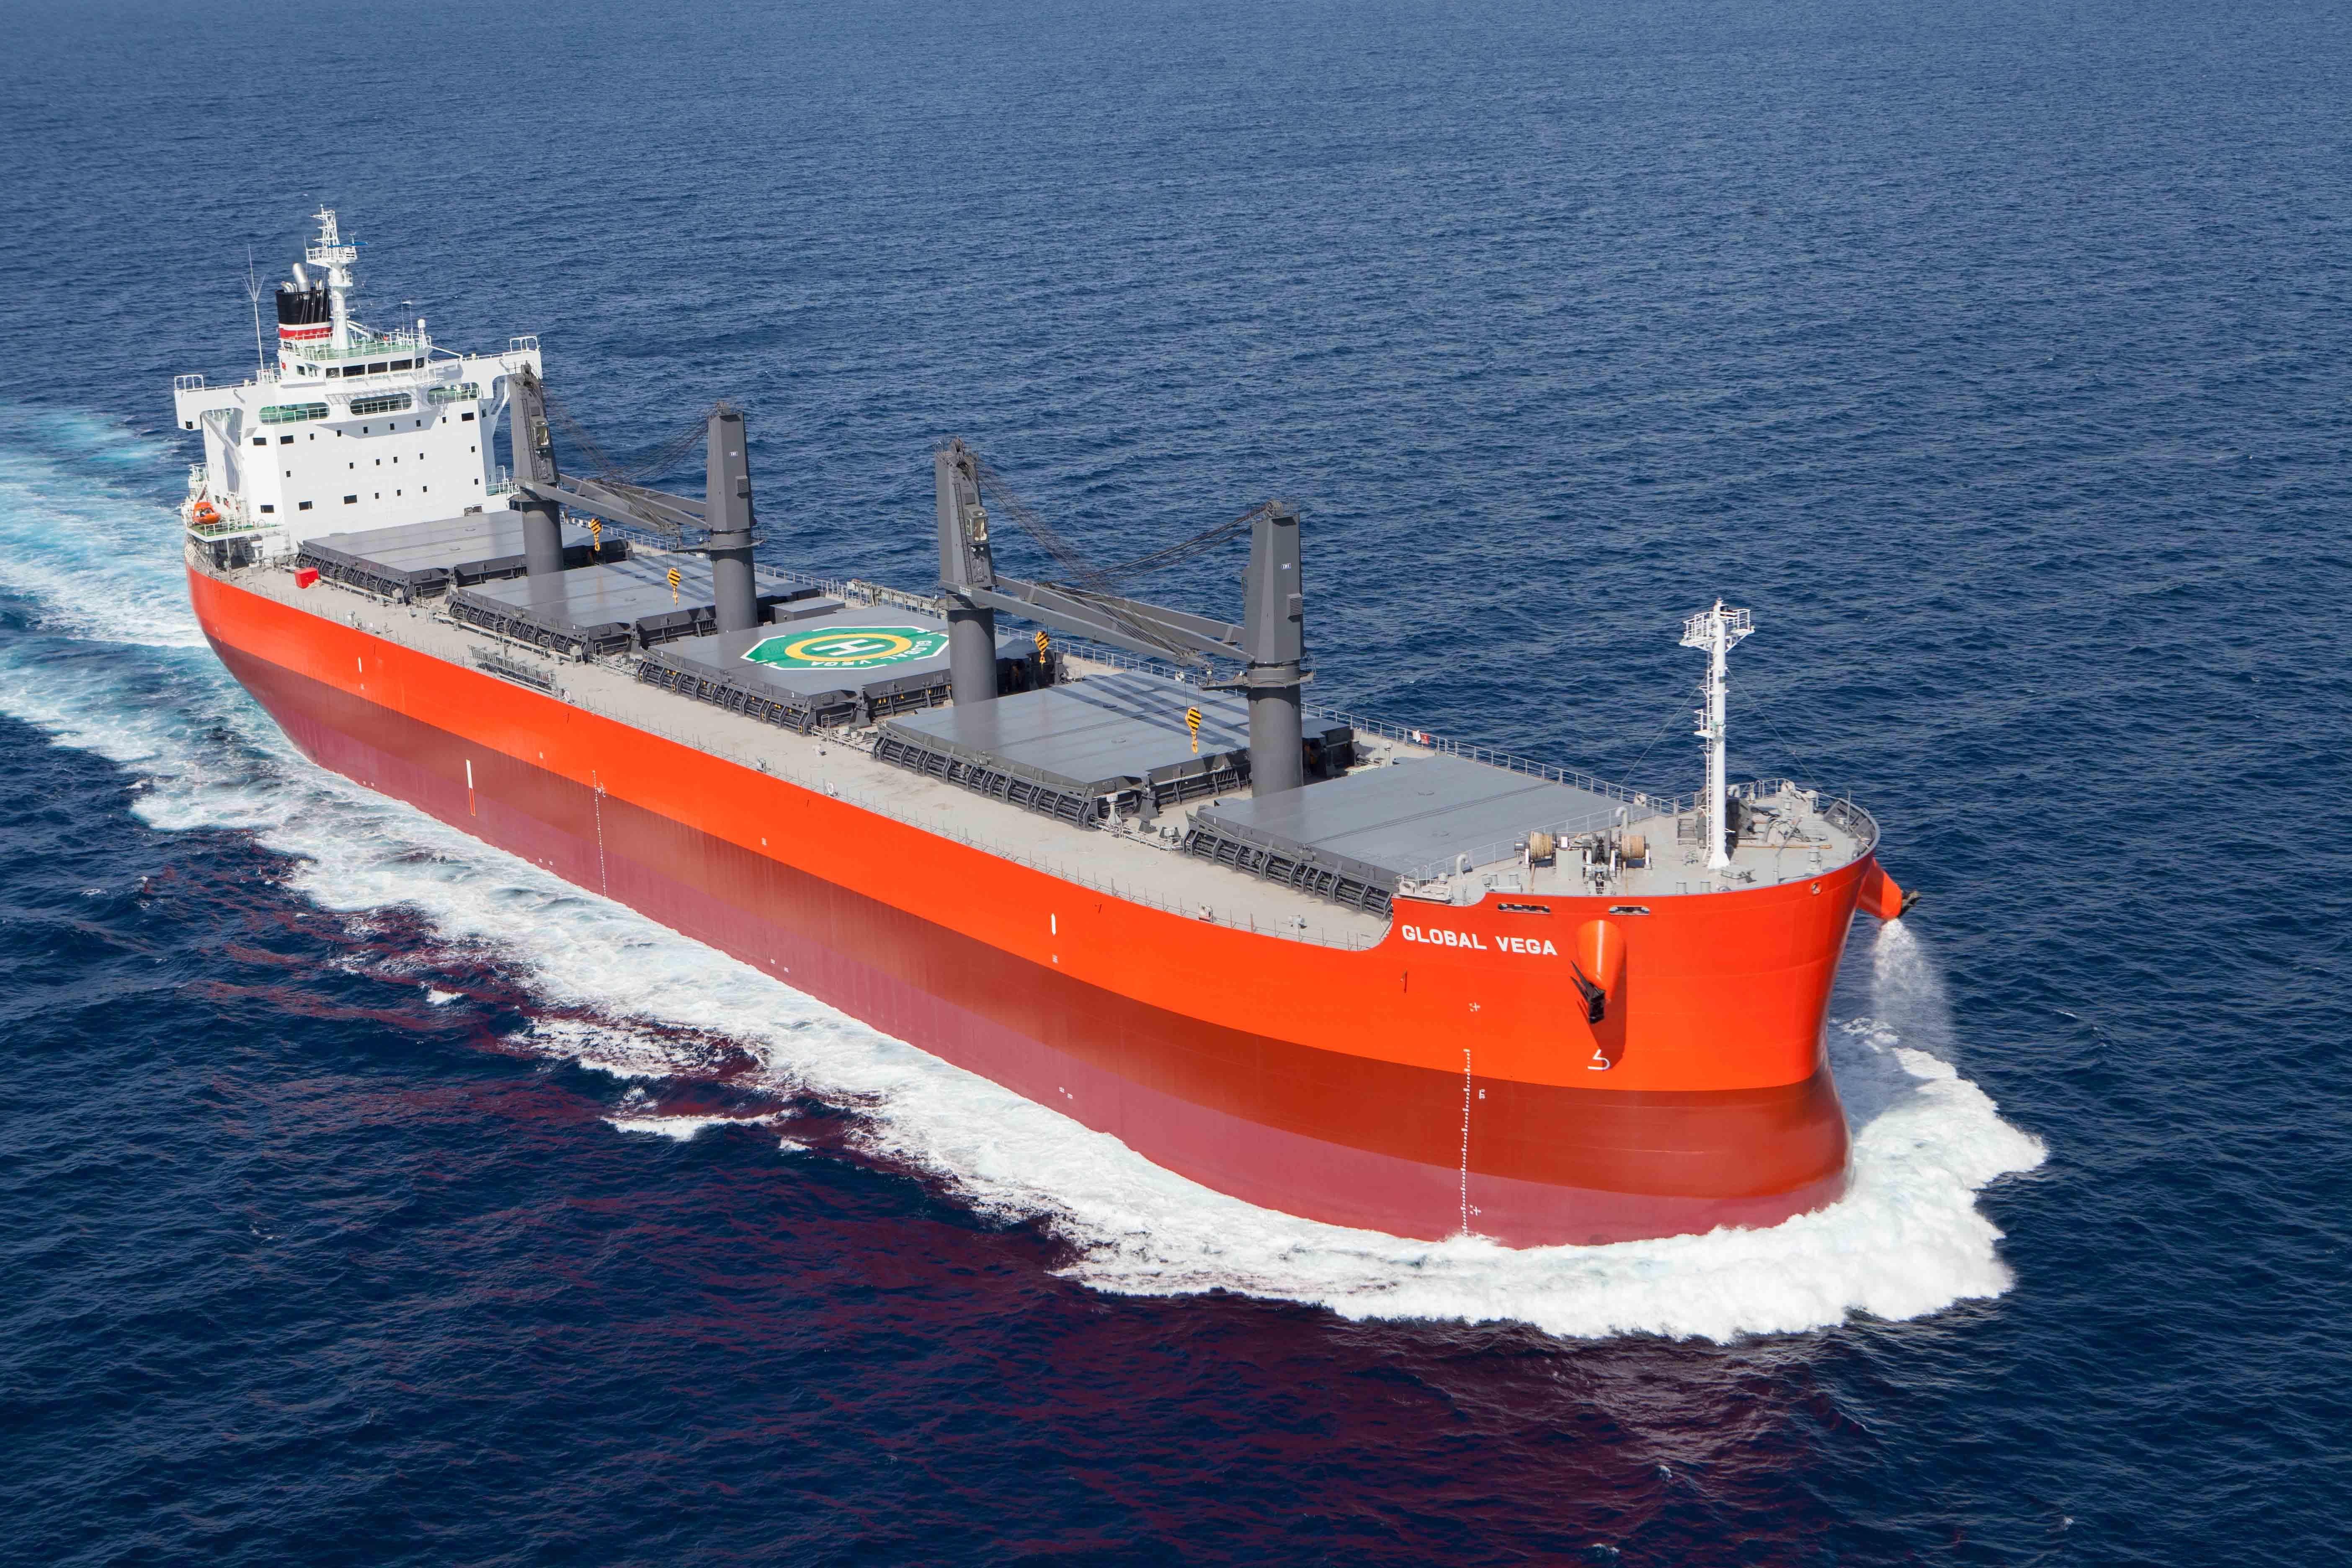 """常石造船海外集团公司的TSUNEISHI HEAVY INDUSTRIES (CEBU), Inc,于本月建成、交付了散装货物船""""TESS58""""系列的第148艘船舶"""